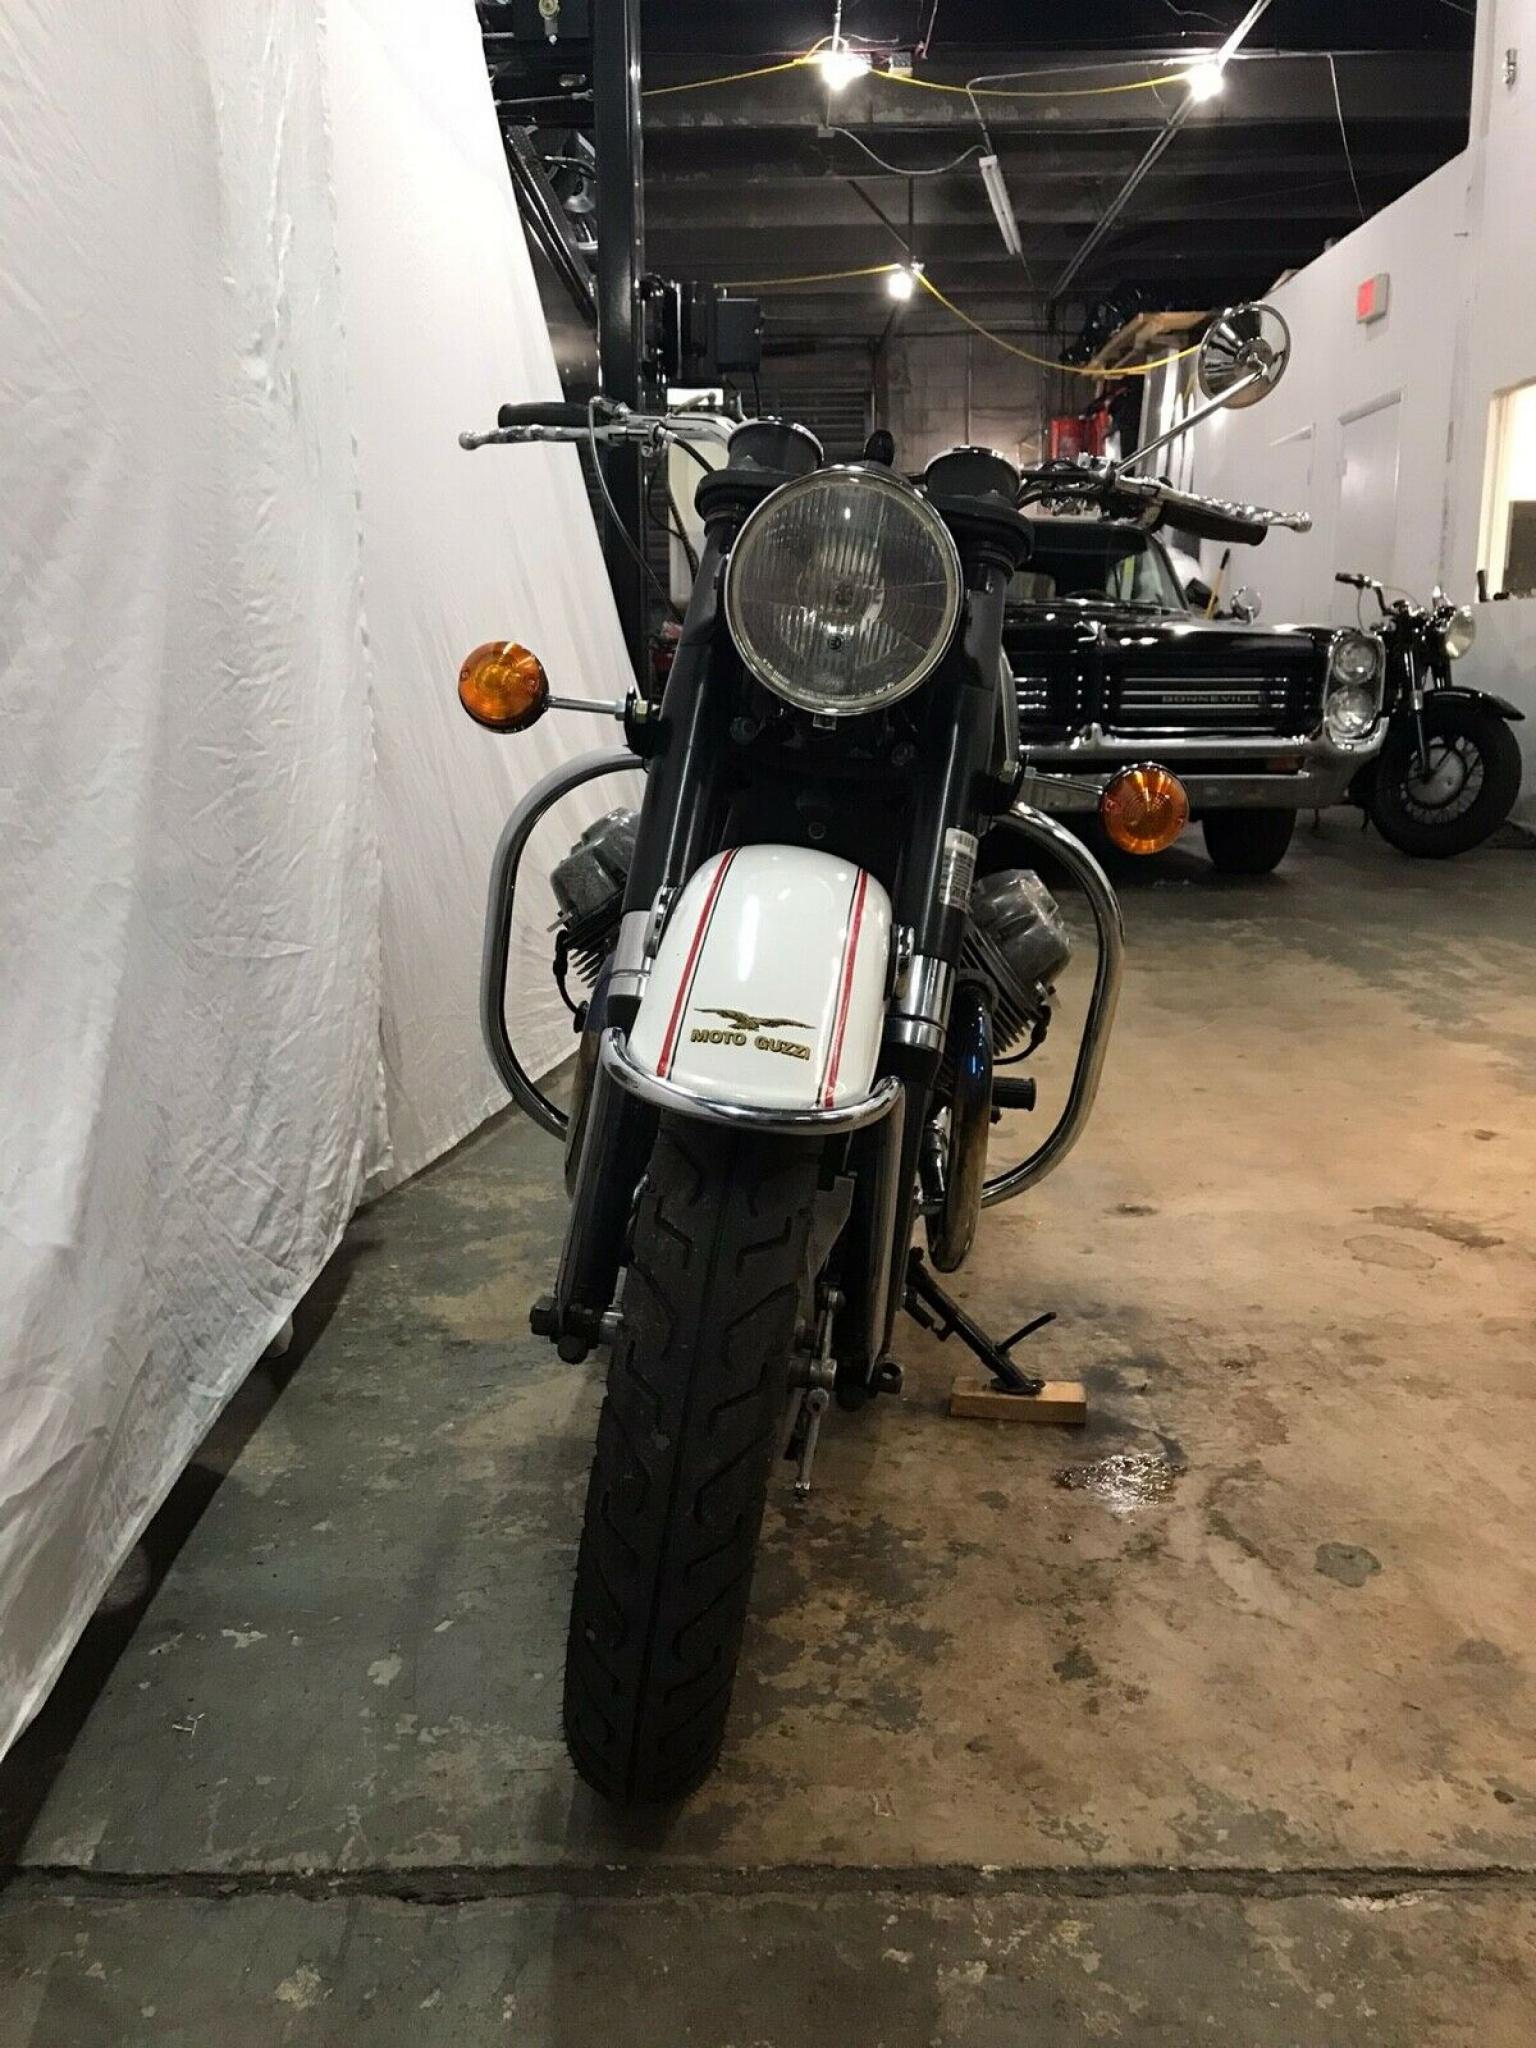 モトグッツイ 1972 Moto Guzzi Eldorado 車体写真6